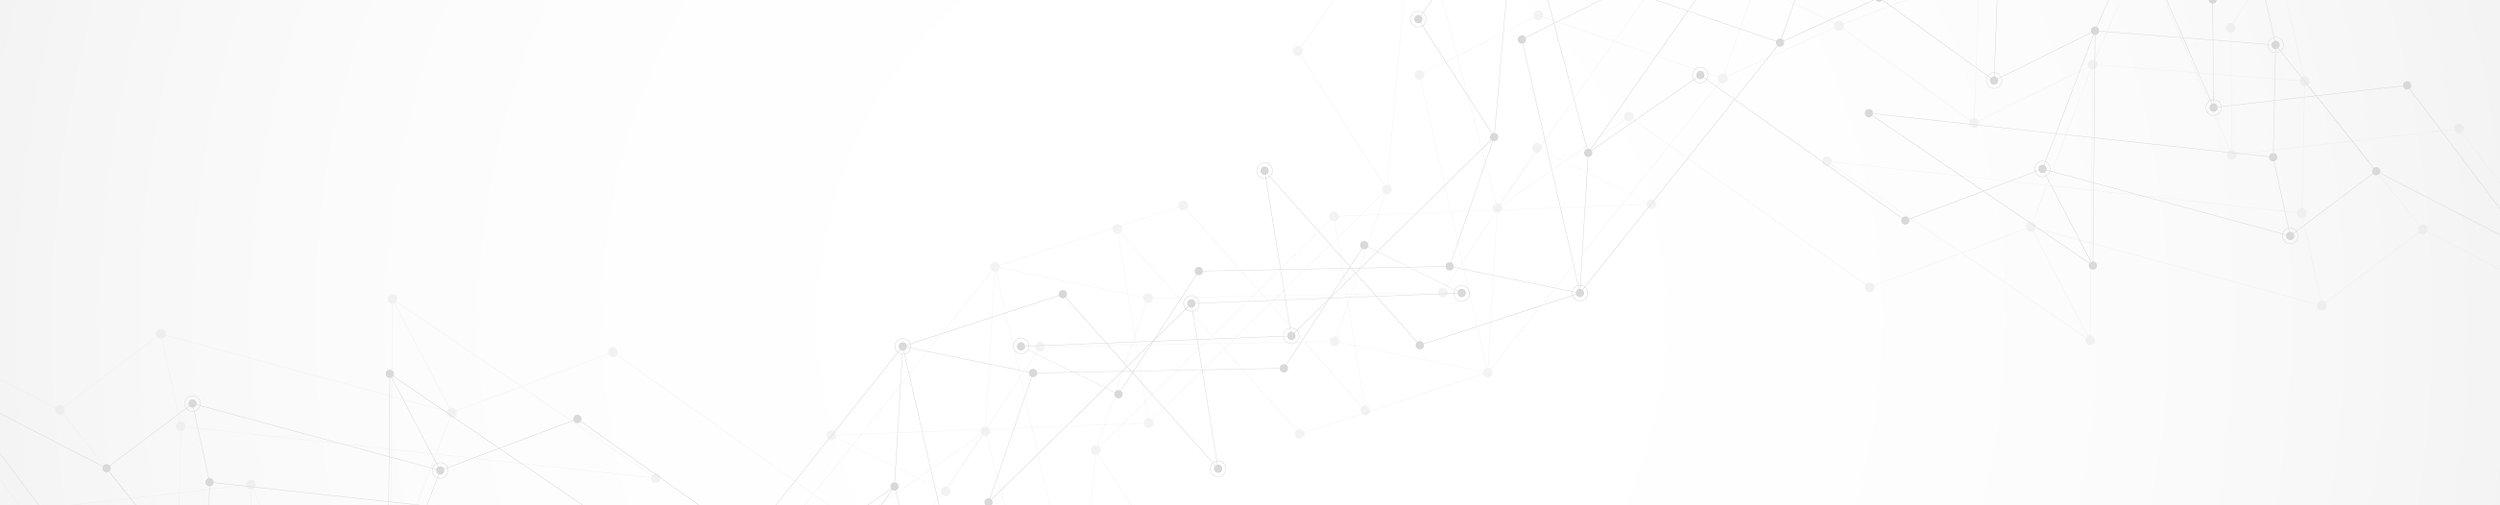 NUMBERS_Background.jpg